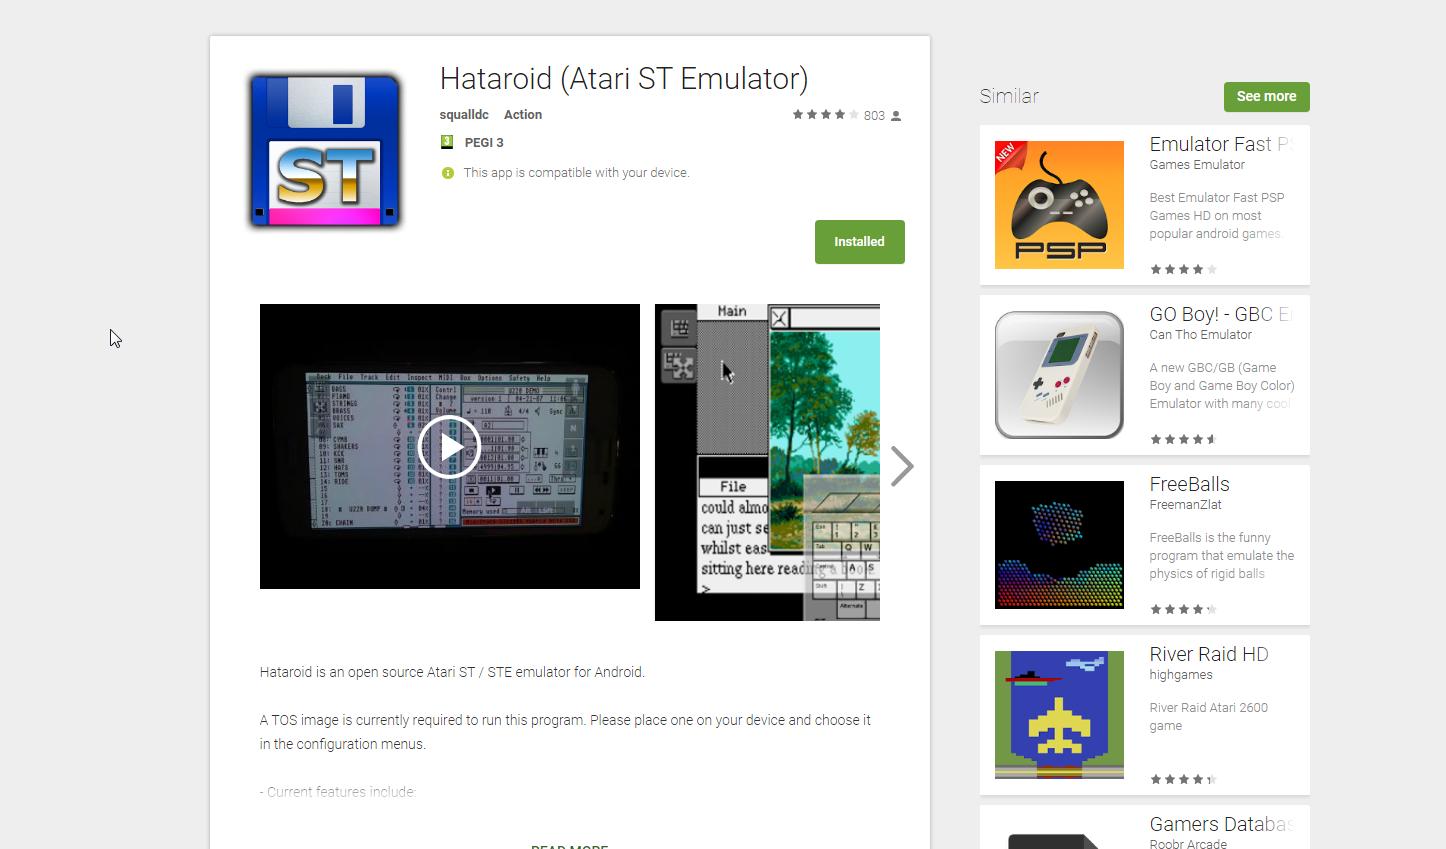 Screenshot of website Hataroid